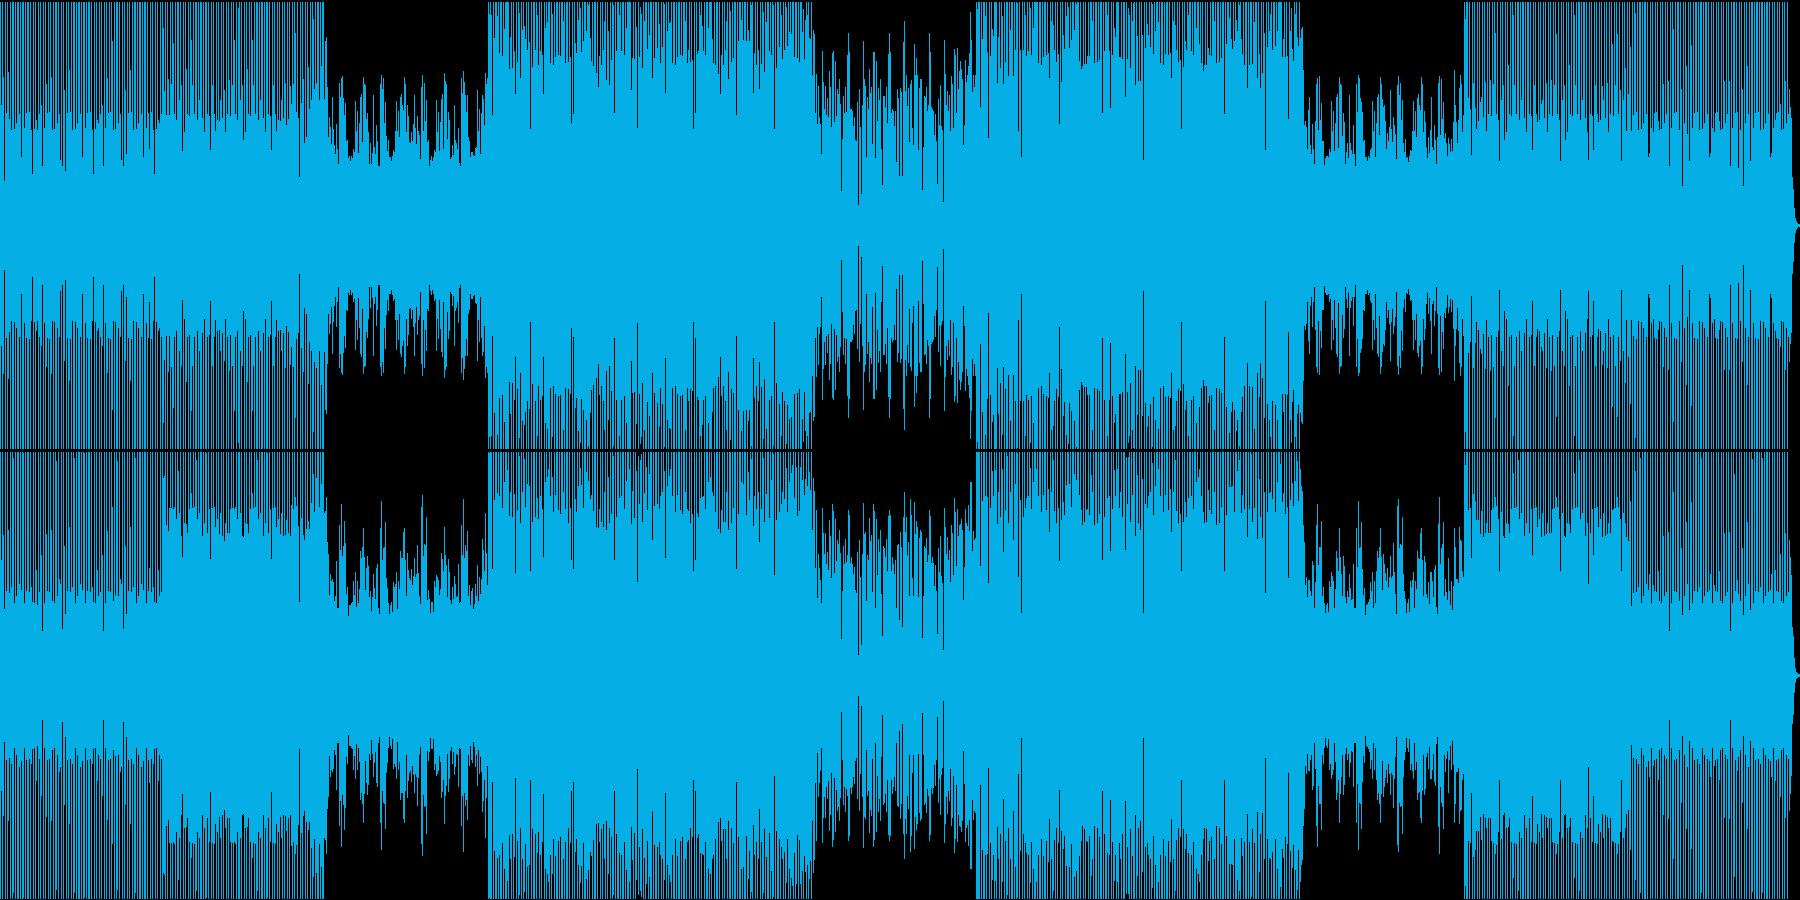 ディスコとファンク、ハウス、ダイナ...の再生済みの波形